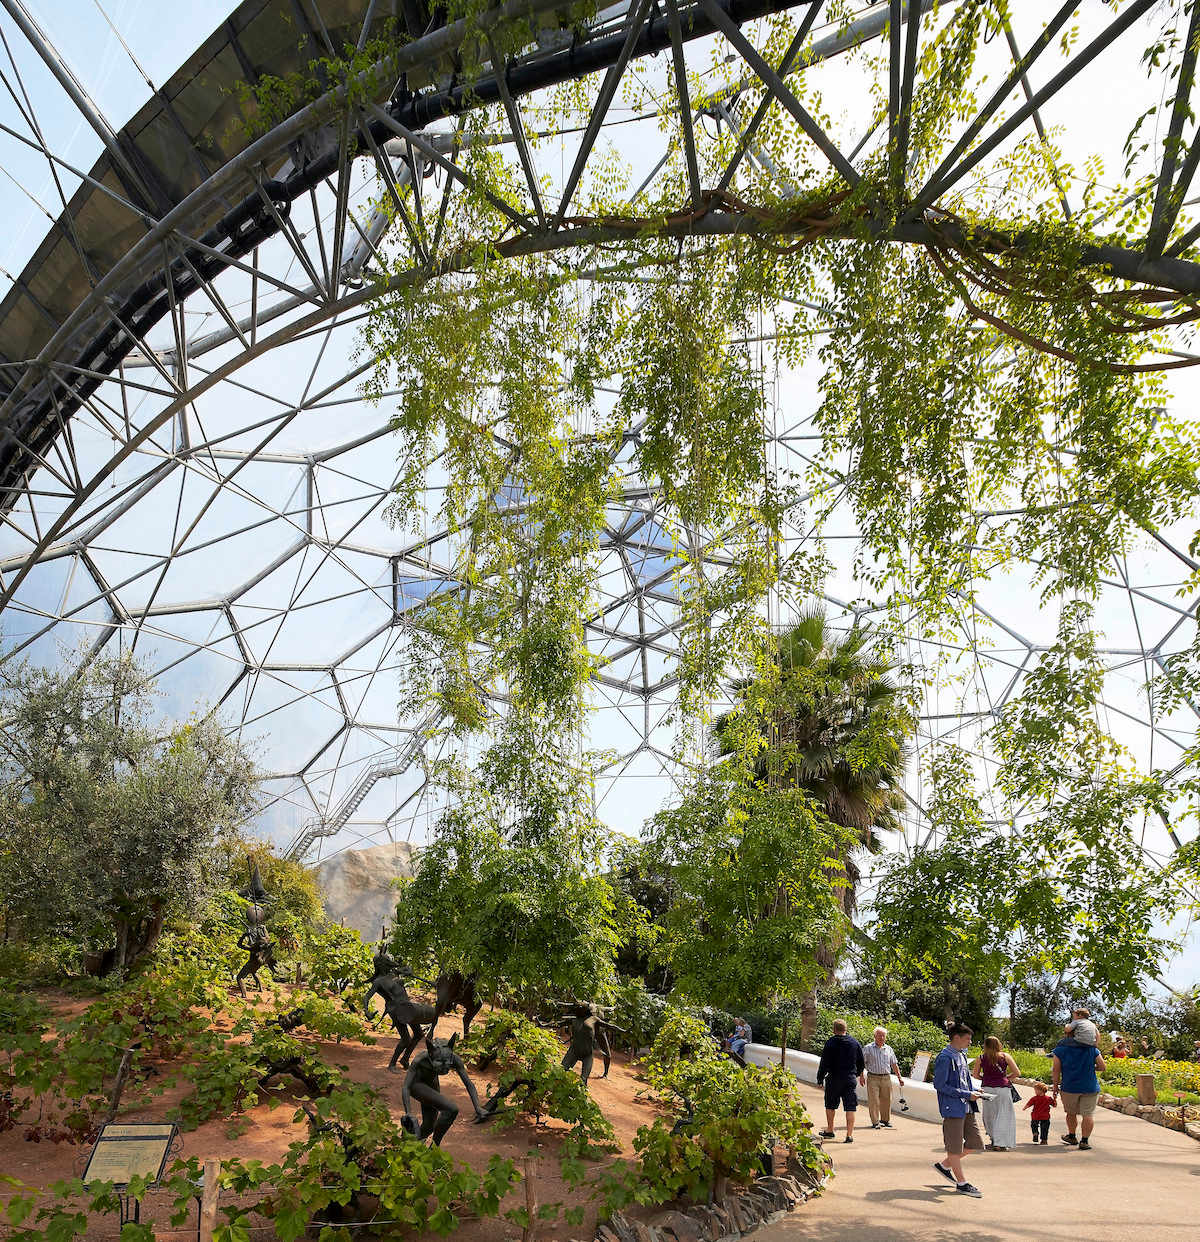 The Eden Project in Cornwall - Besucher im Botanischer Garten